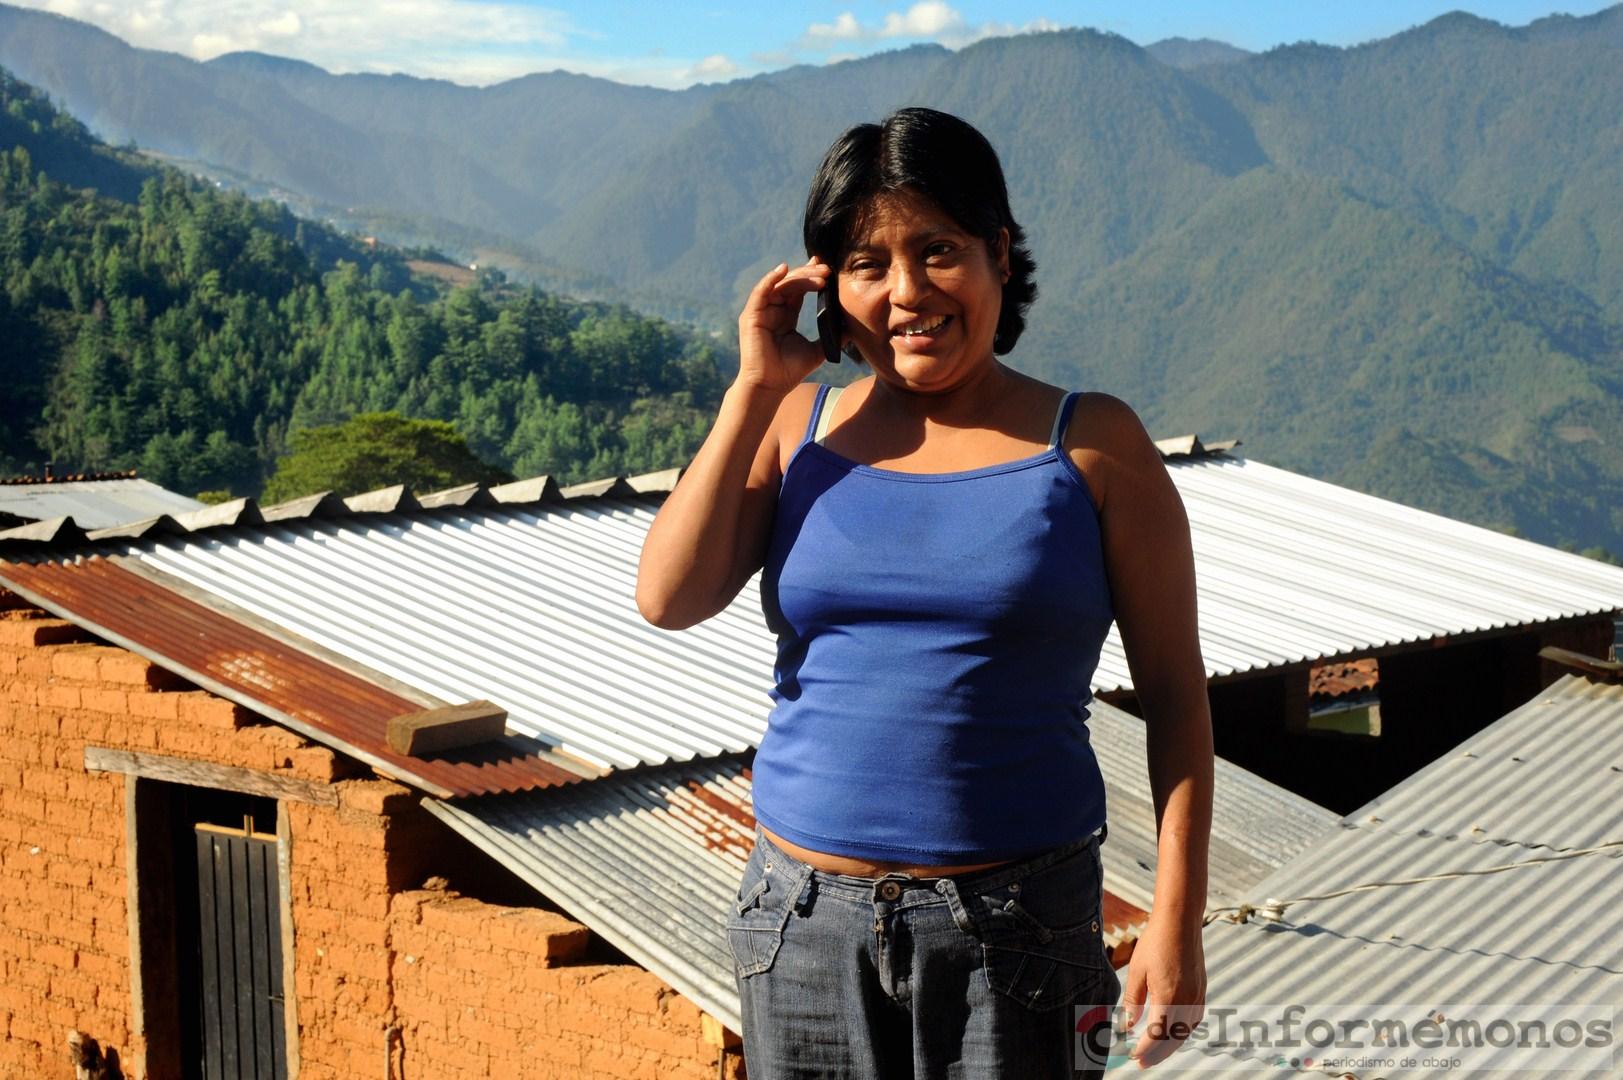 telefonía comunitaria México